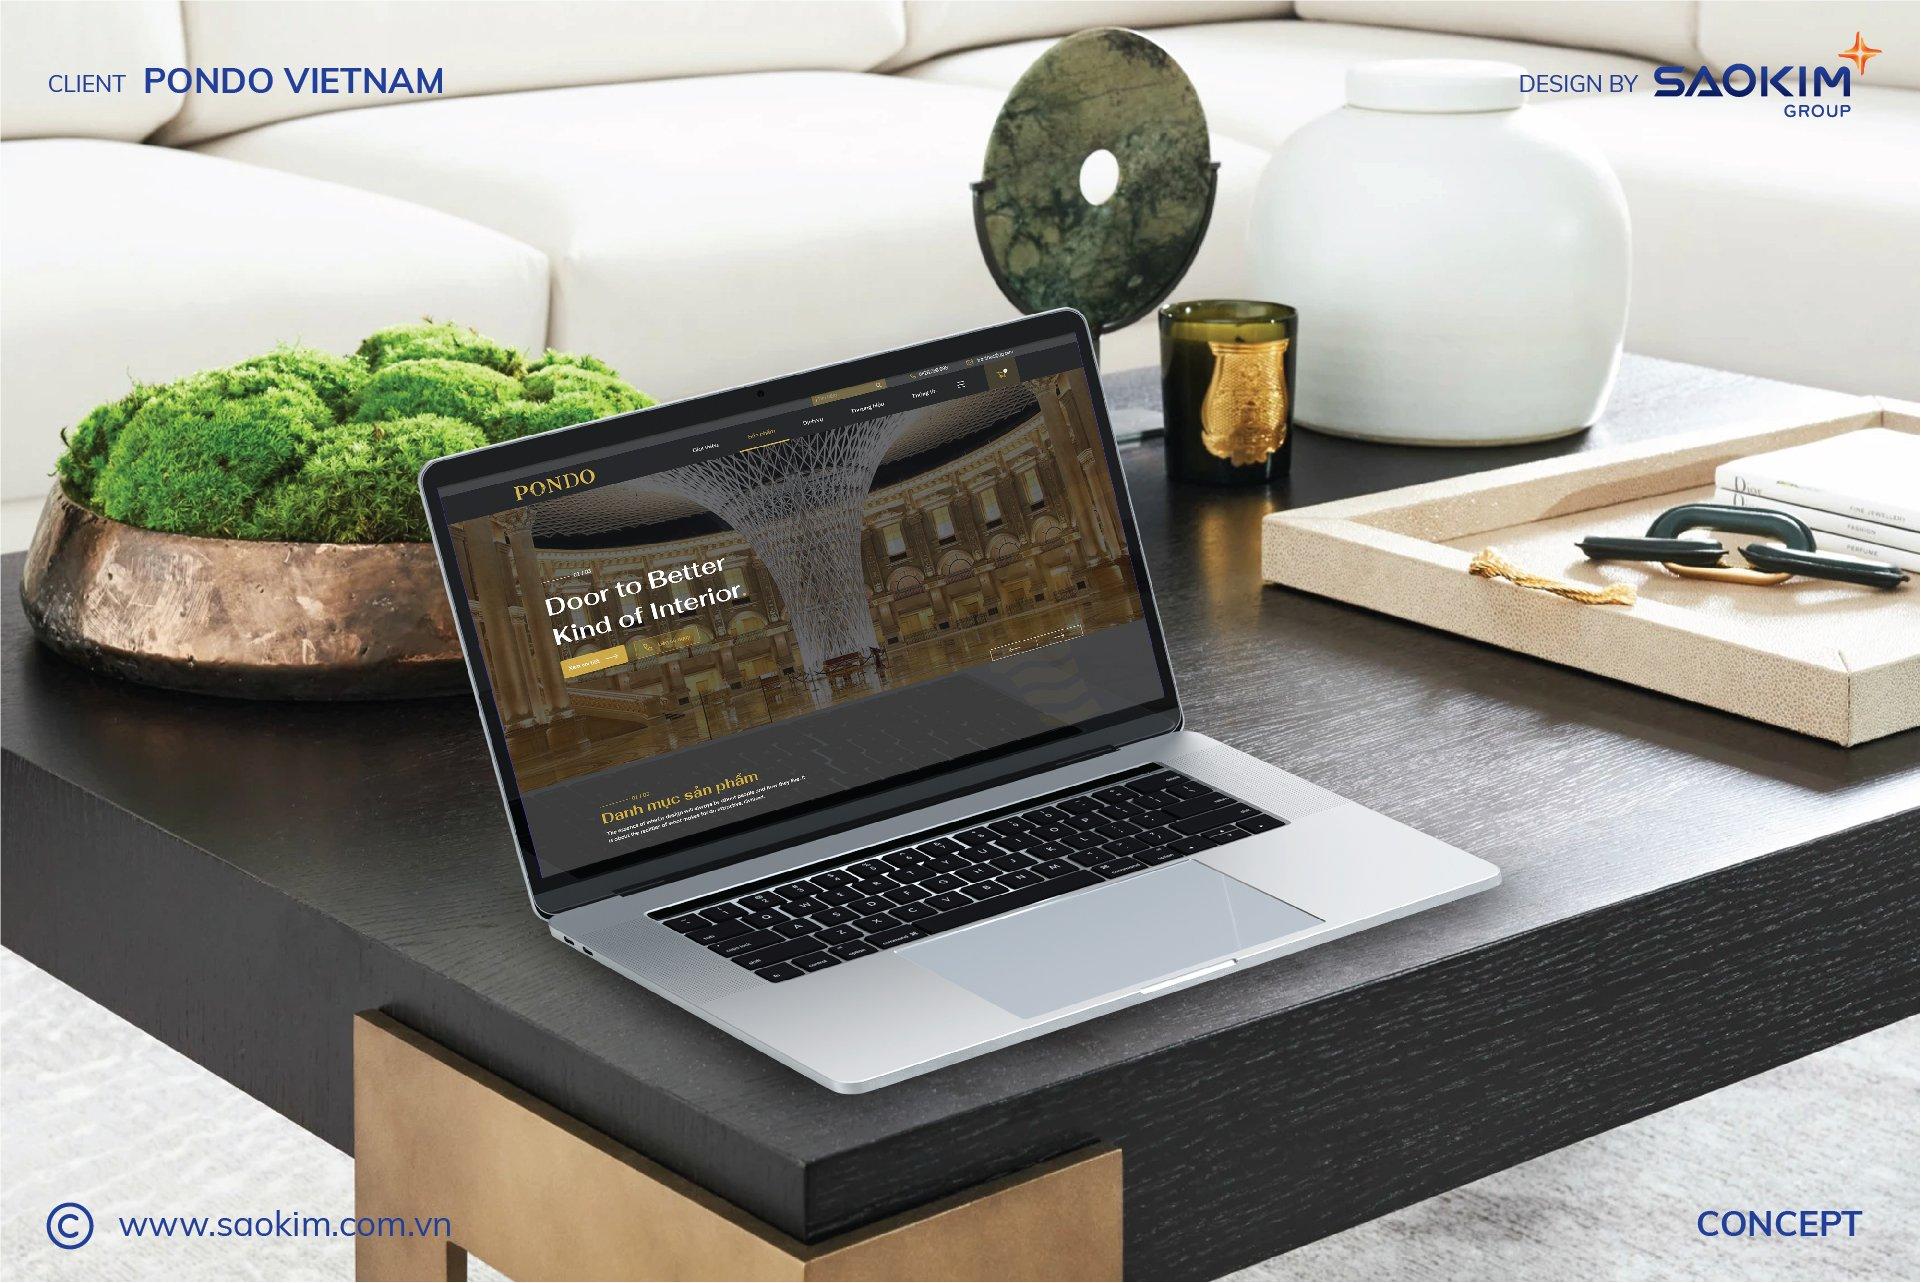 [Saokim.com.vn] Thiết kế Logo mang phong cách tinh tế, đẳng cấp